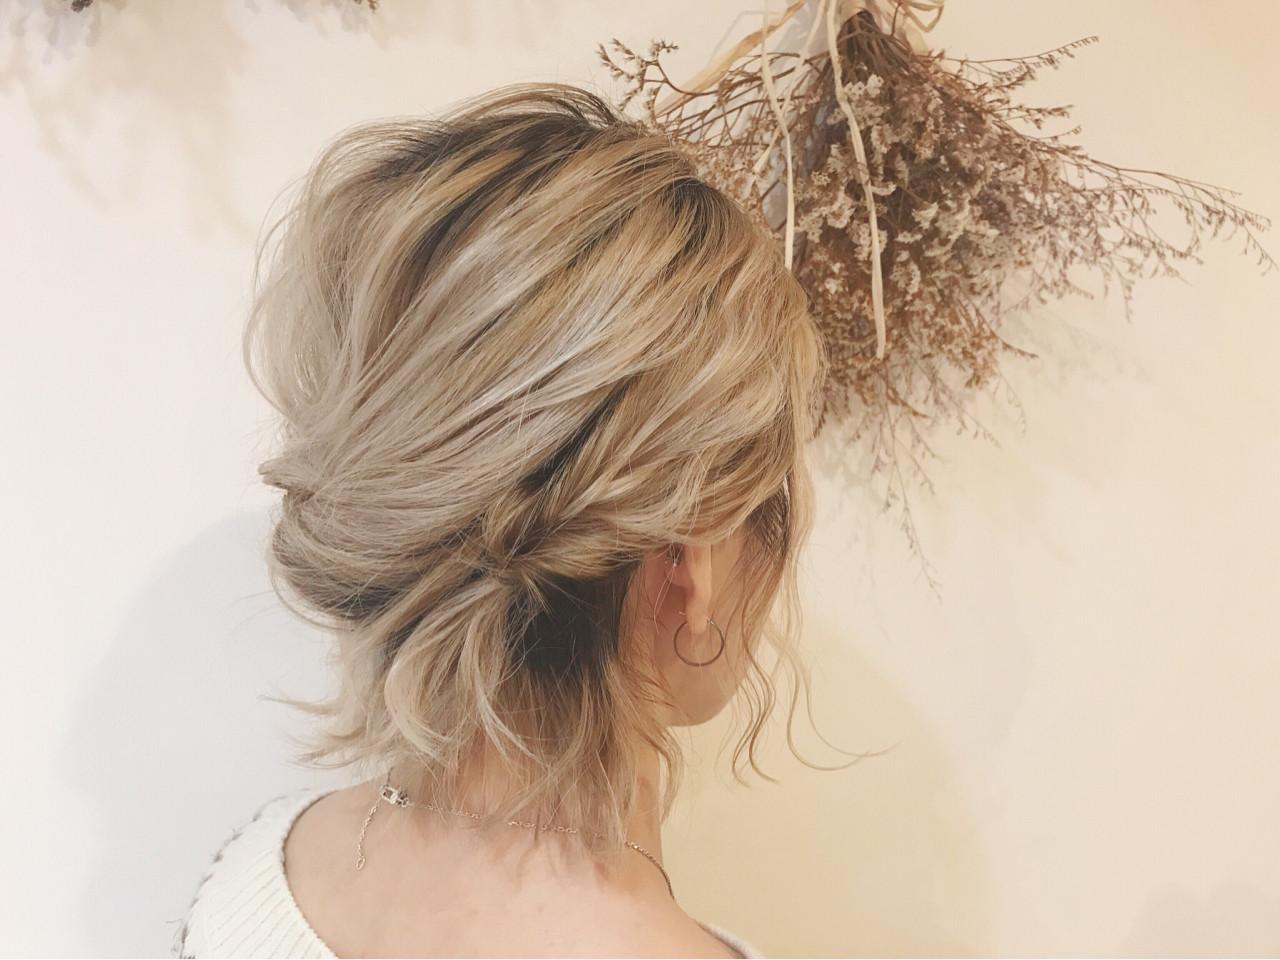 くるりんぱ 成人式 ナチュラル 簡単ヘアアレンジヘアスタイルや髪型の写真・画像